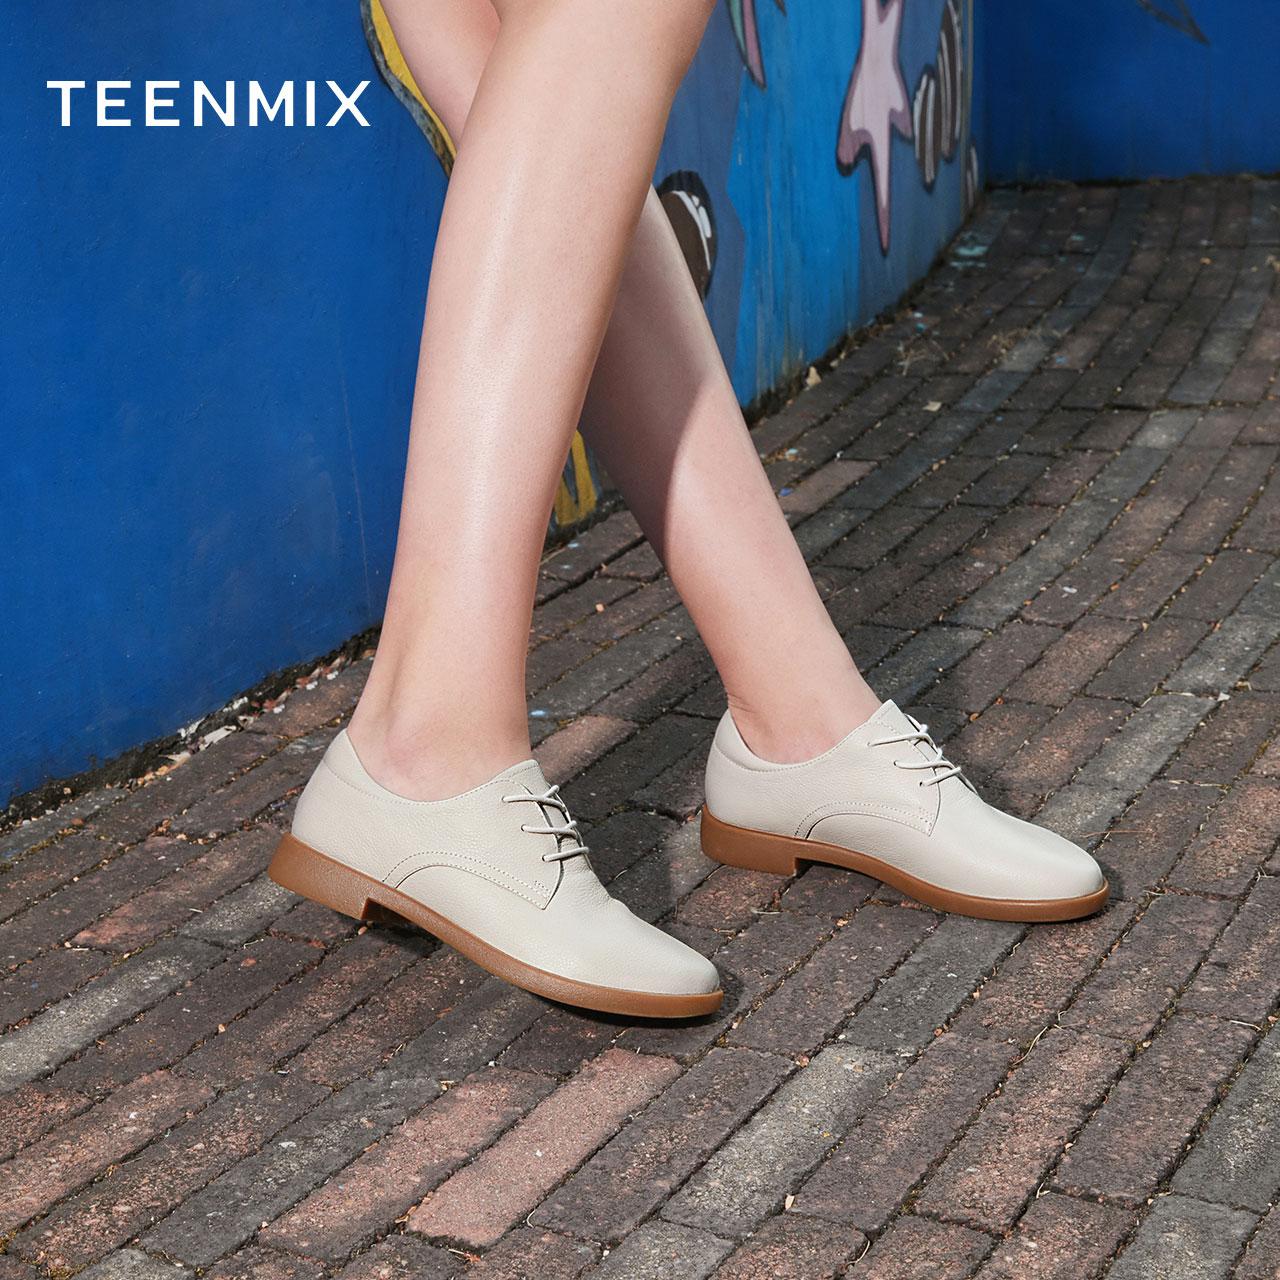 CCJ29AM0 春季新款 2020 天美意英伦单鞋女休闲鞋子 商场同款